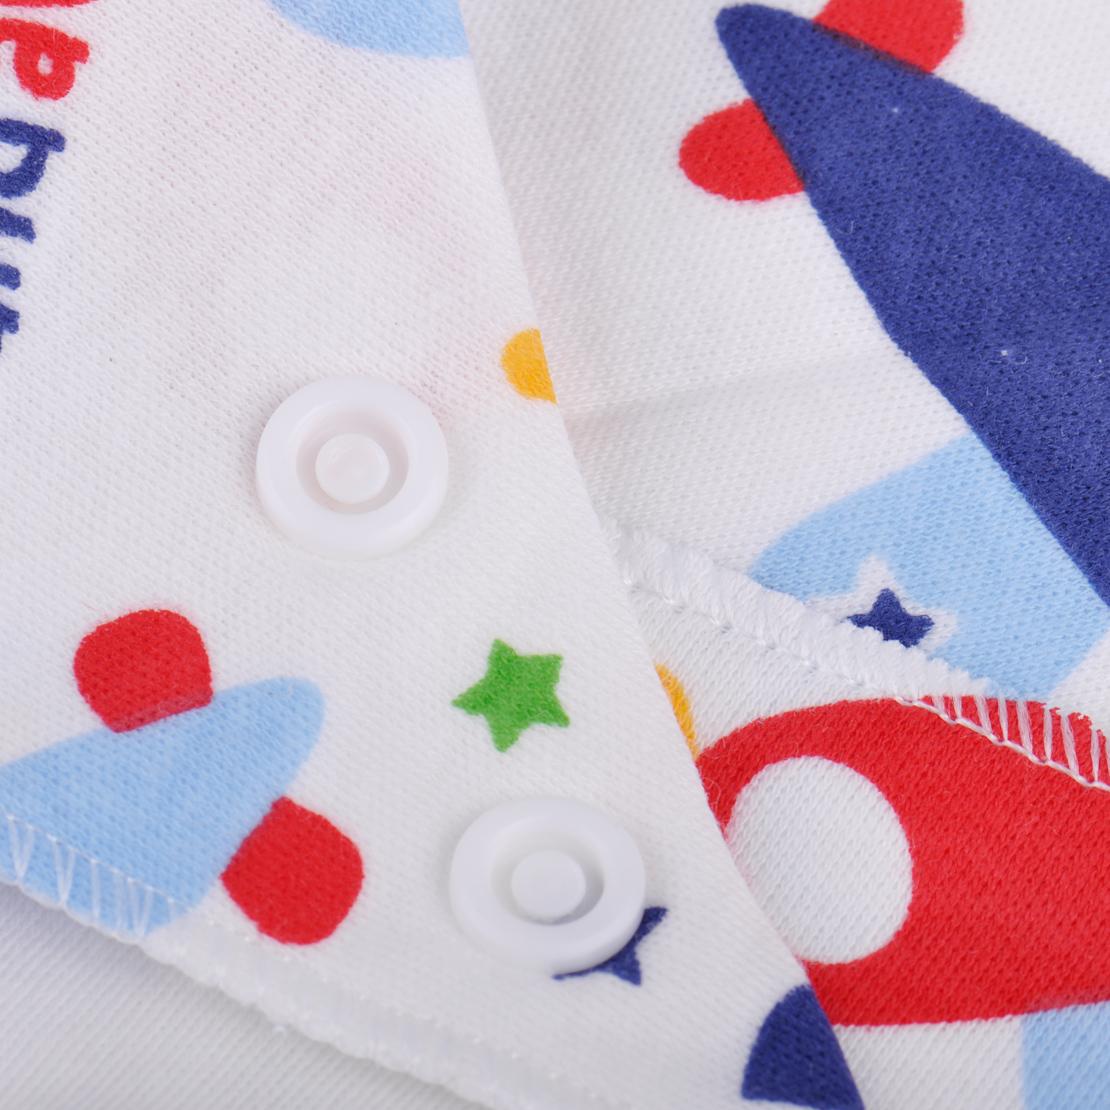 5x Baby Dreieck Handtuch Baumwolle Dreieckstuch Kinder Halstuch Triangle Bibs